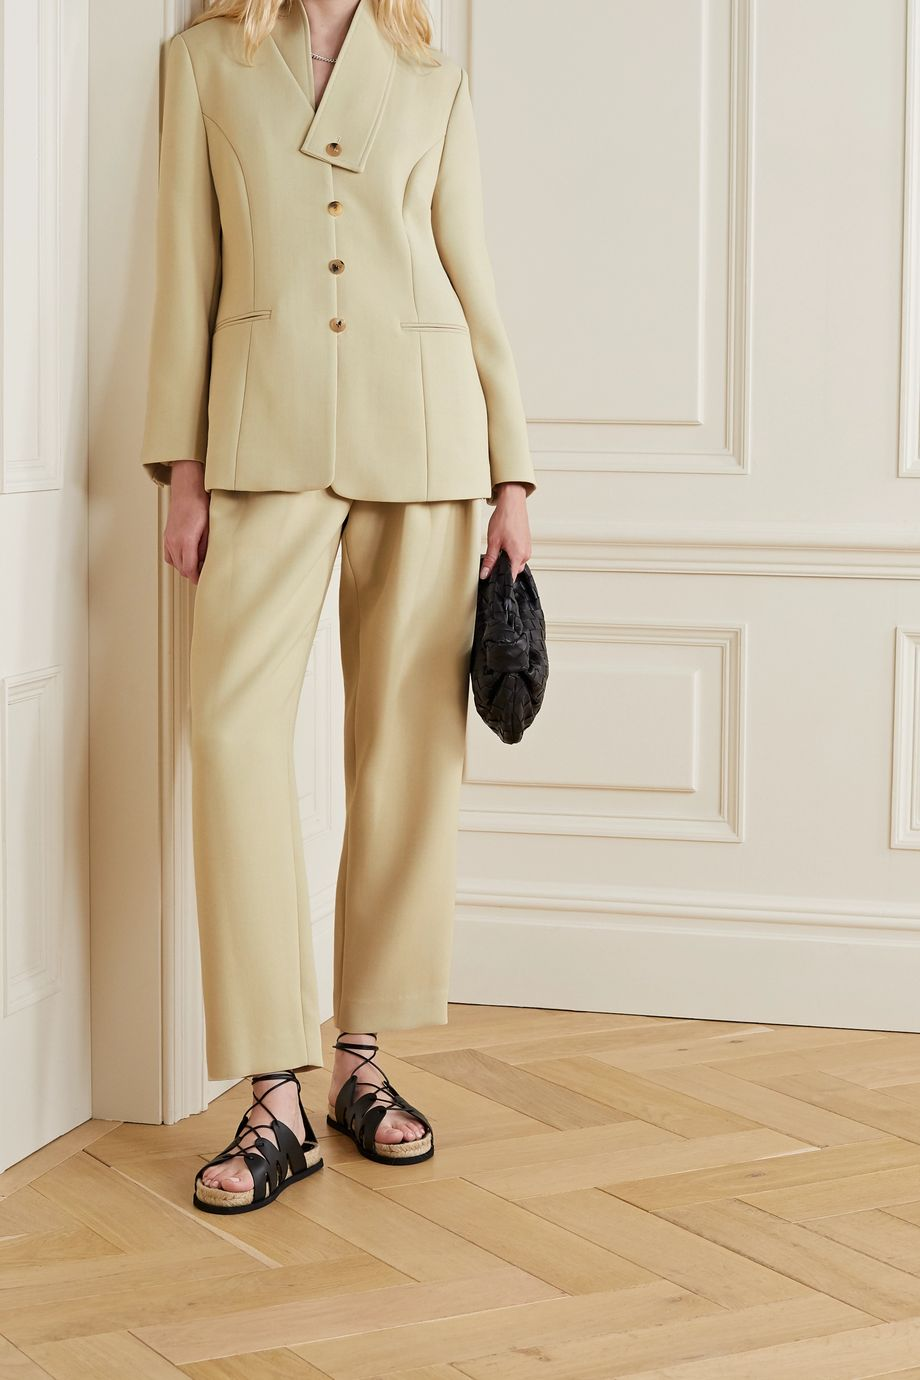 LE 17 SEPTEMBRE Convertible woven blazer